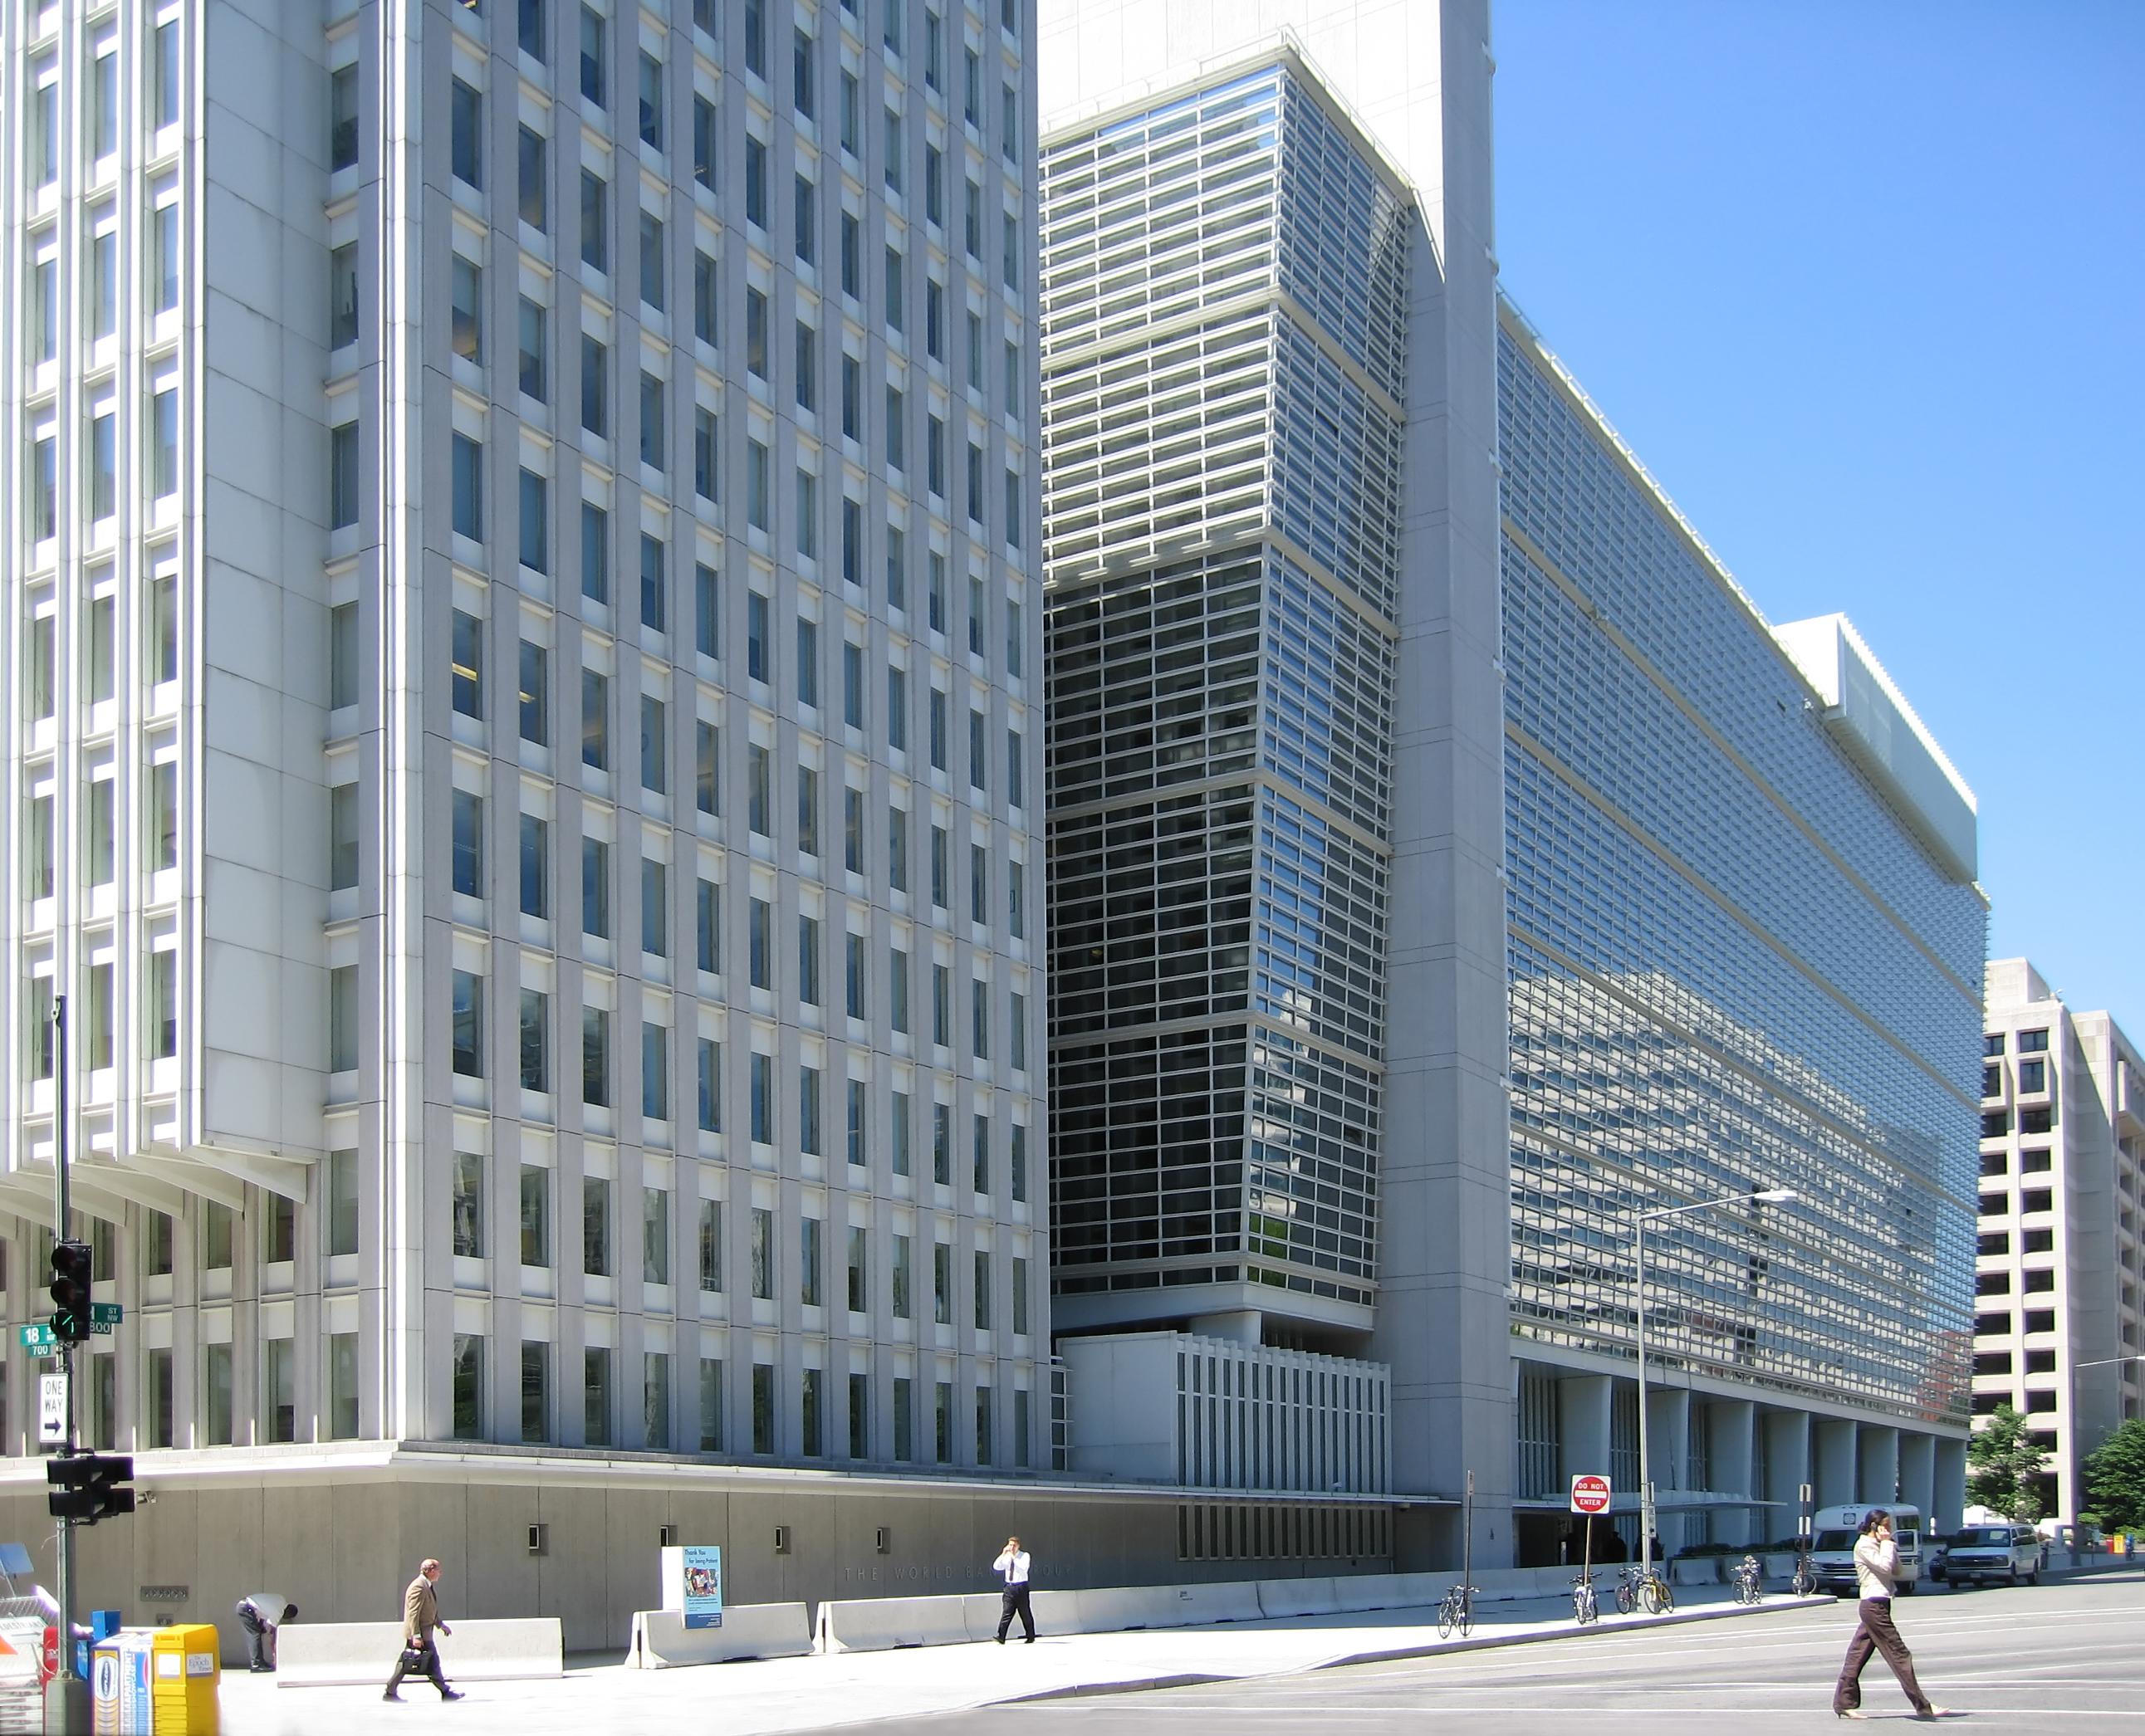 World Bank - Photo credit: Shiny Things